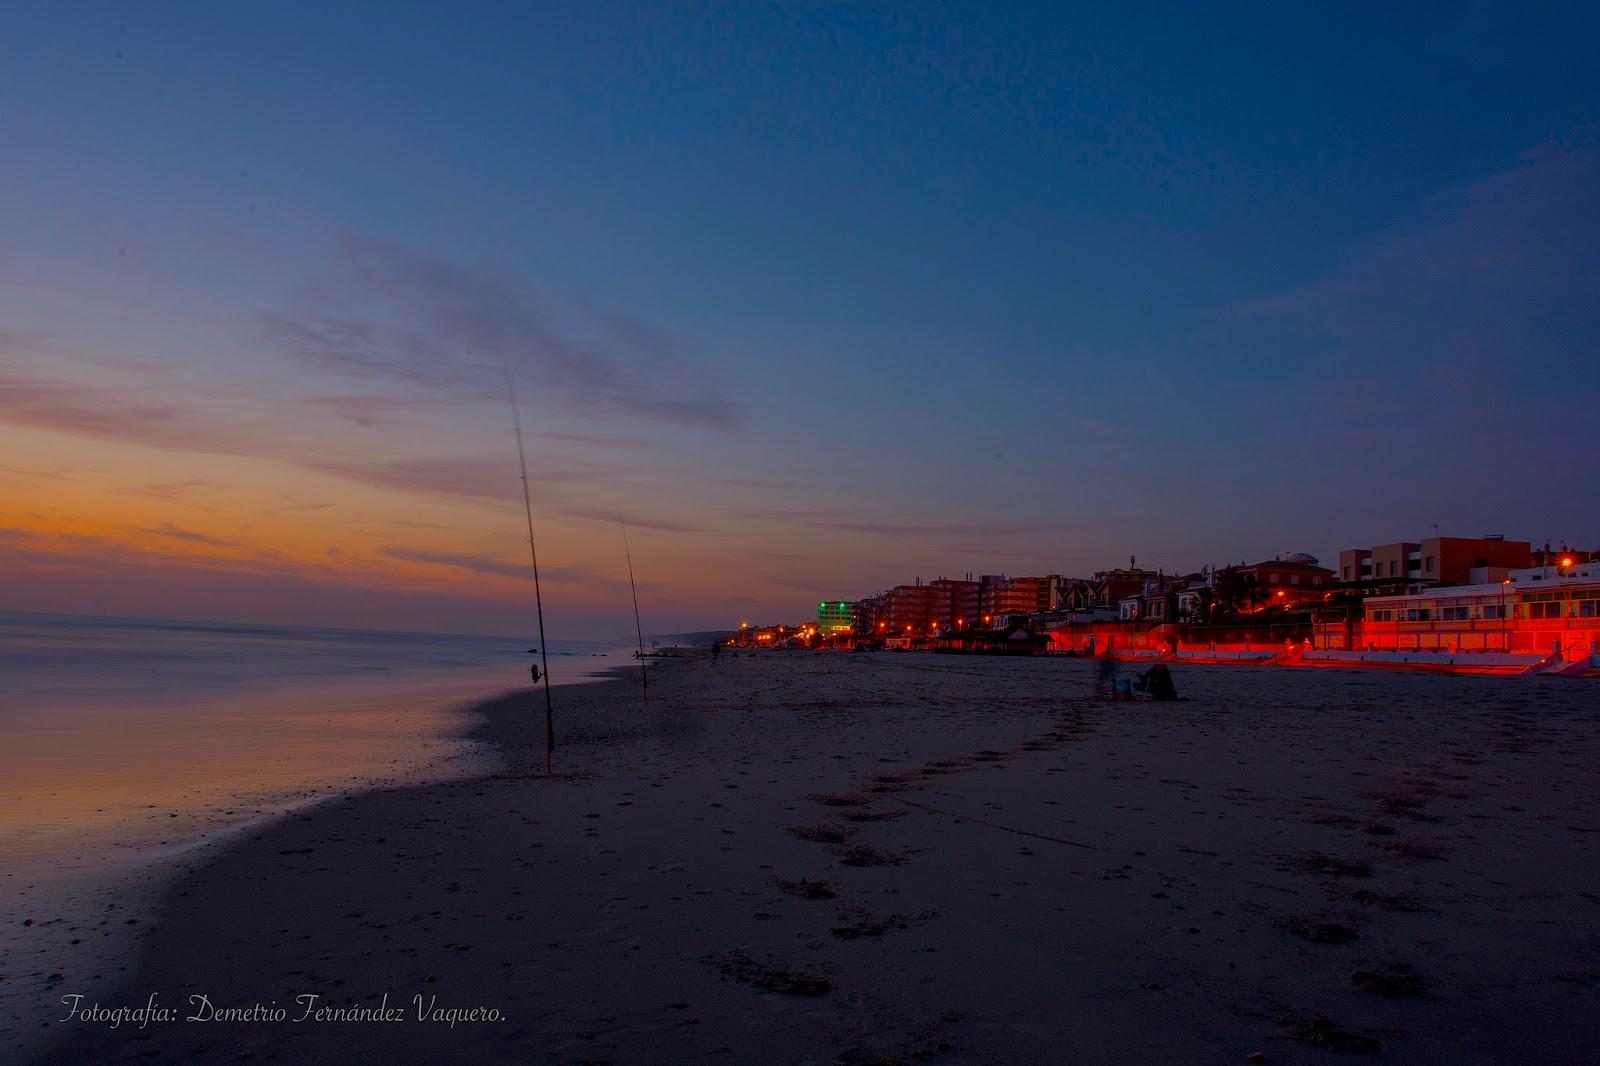 Puesta de sol en la playa de matalasca as huelva 3 for Cajeros en matalascanas